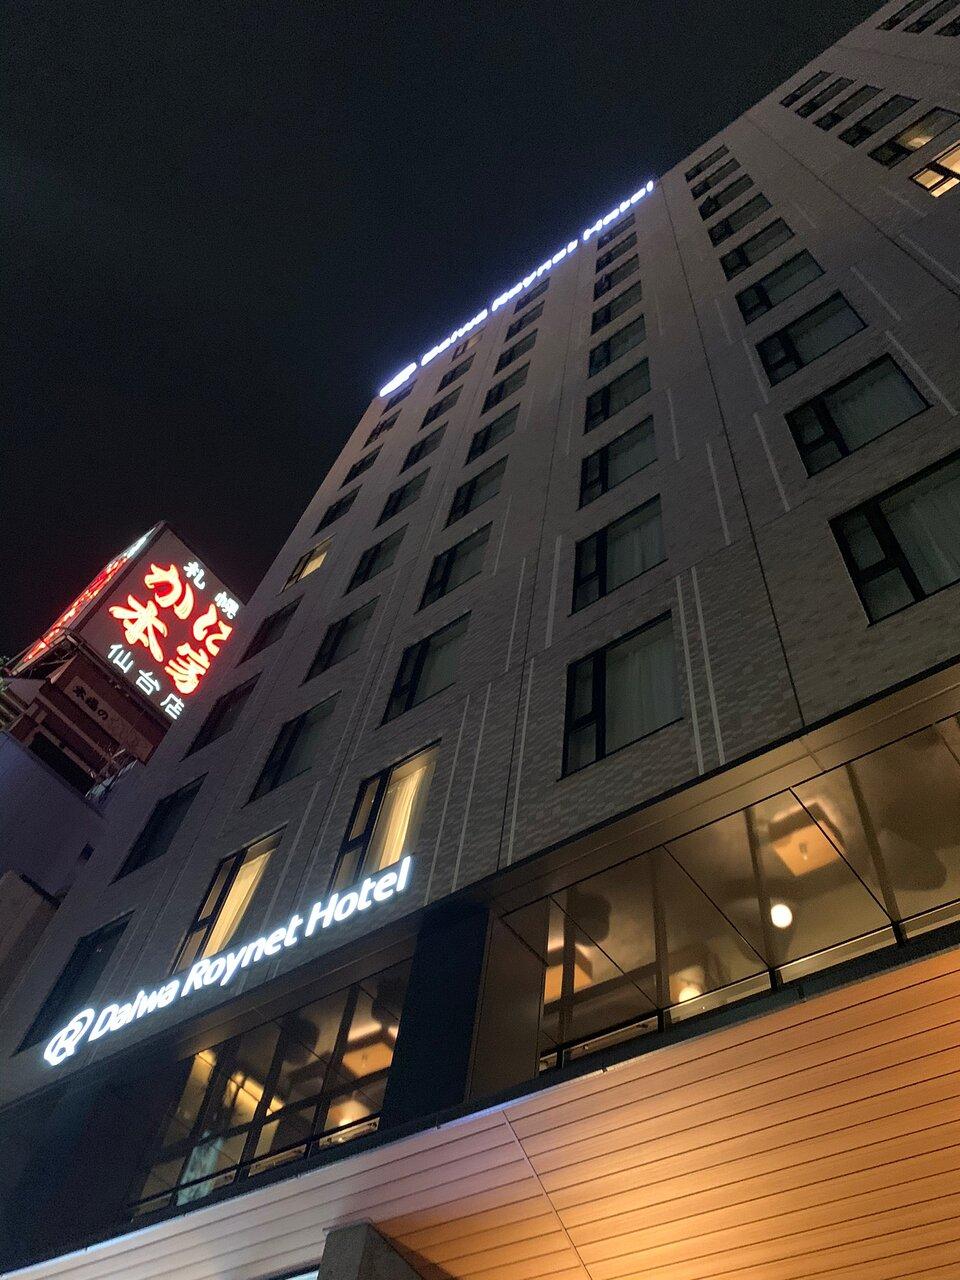 一 仙台 ロイネット ダイワ 番 町 ホテル